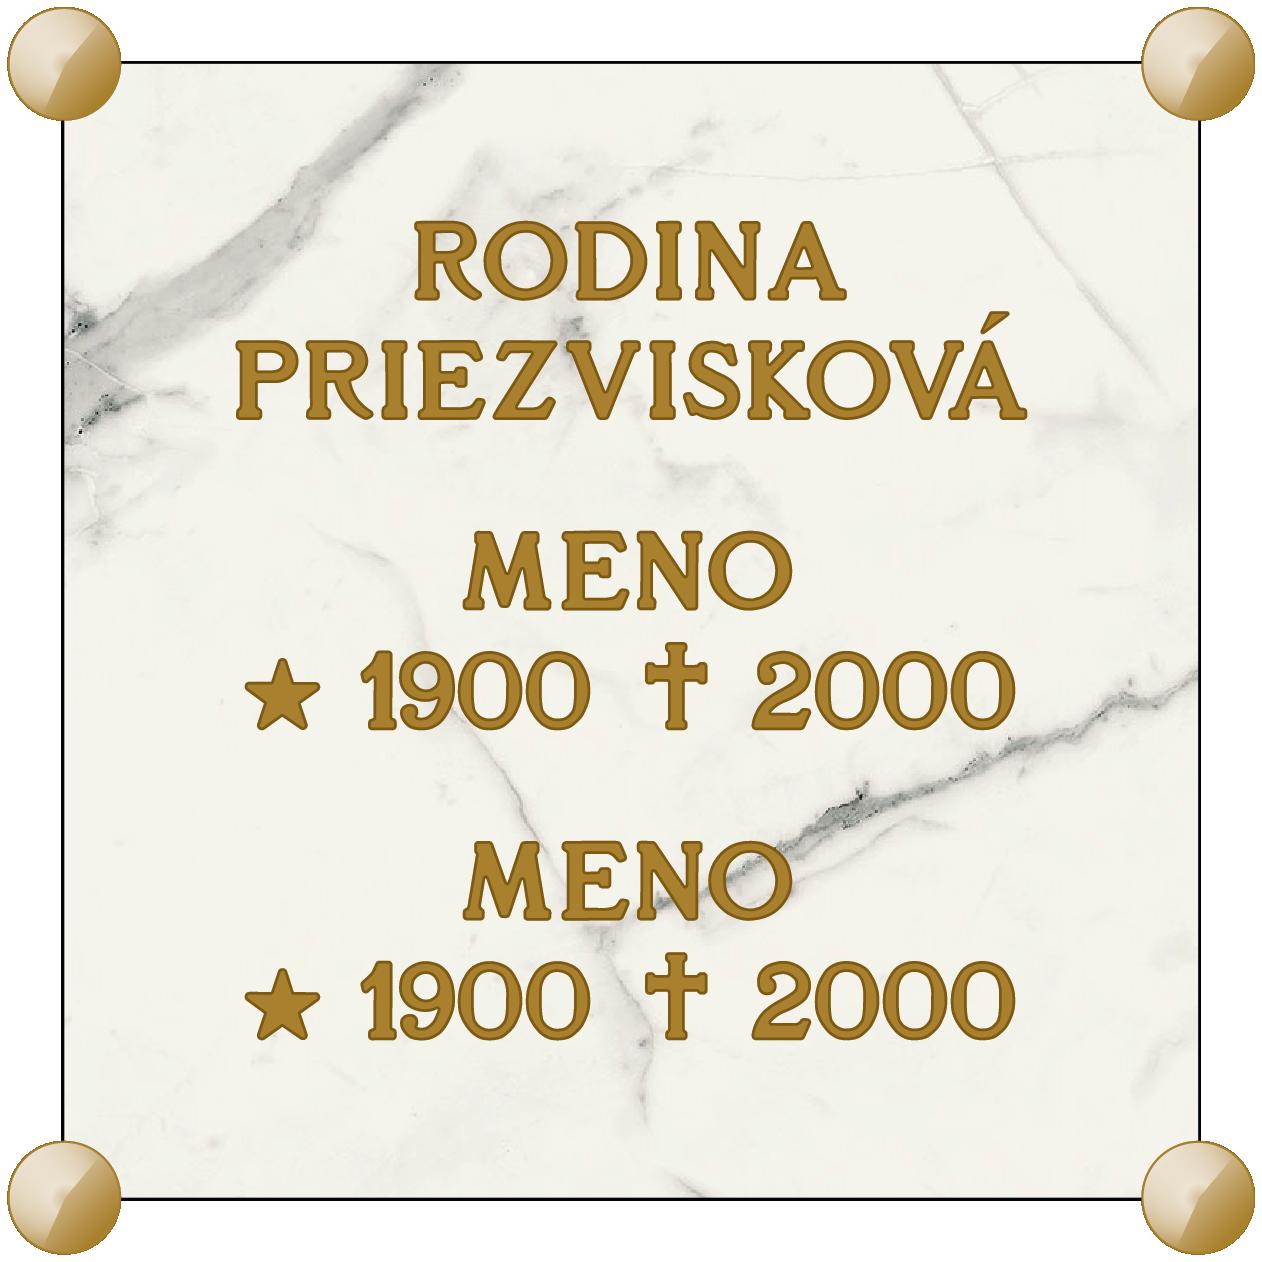 ROMANO_40x40_40x40_3